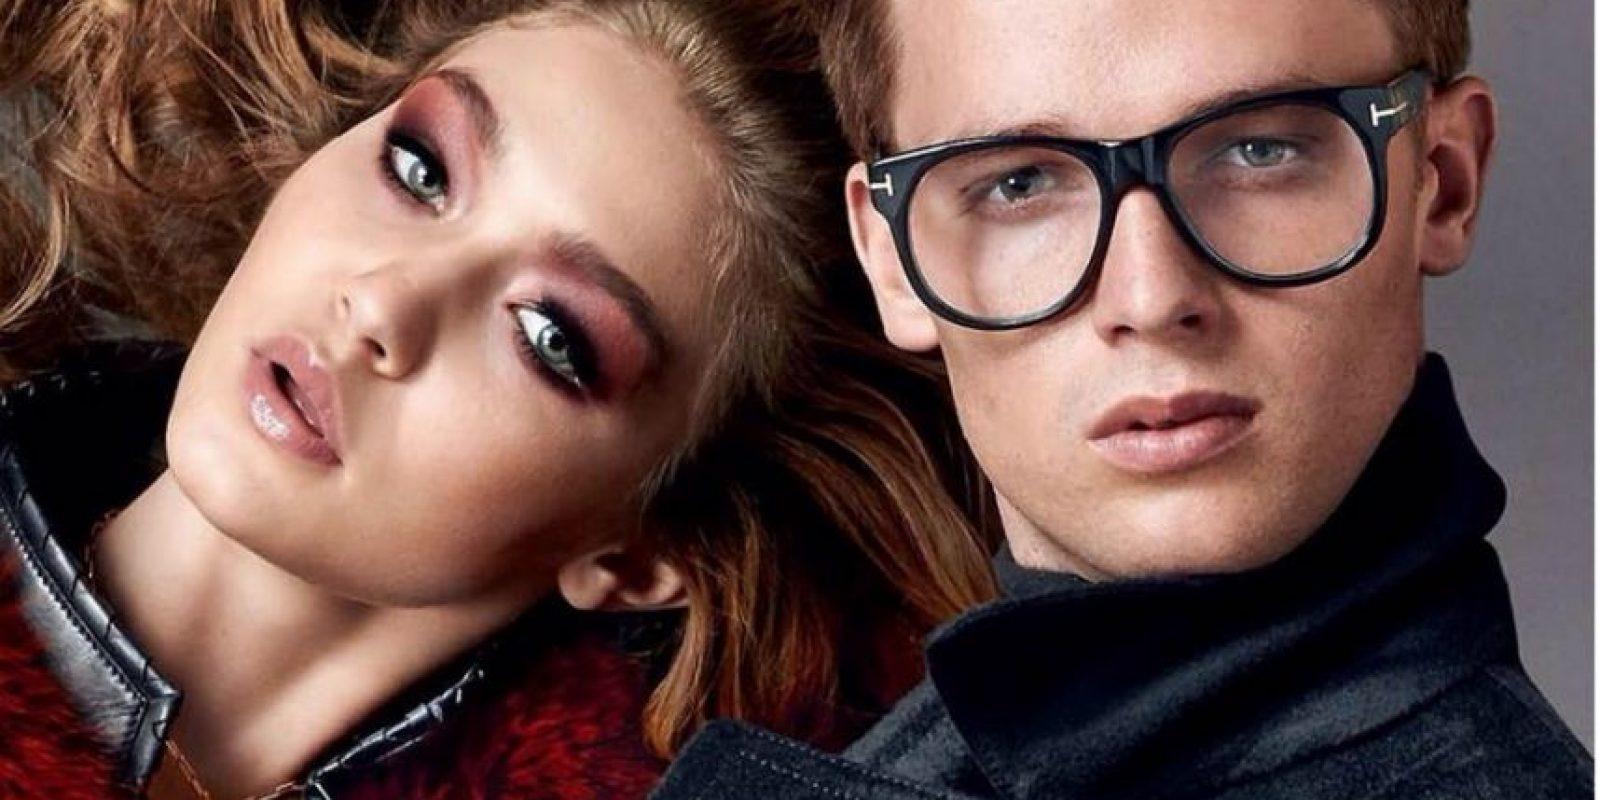 Ha posado para Tom Ford en la campaña de gafas de 2014, junto a Gigi Hadid Foto:Facebook Patrick Schwarzenegger